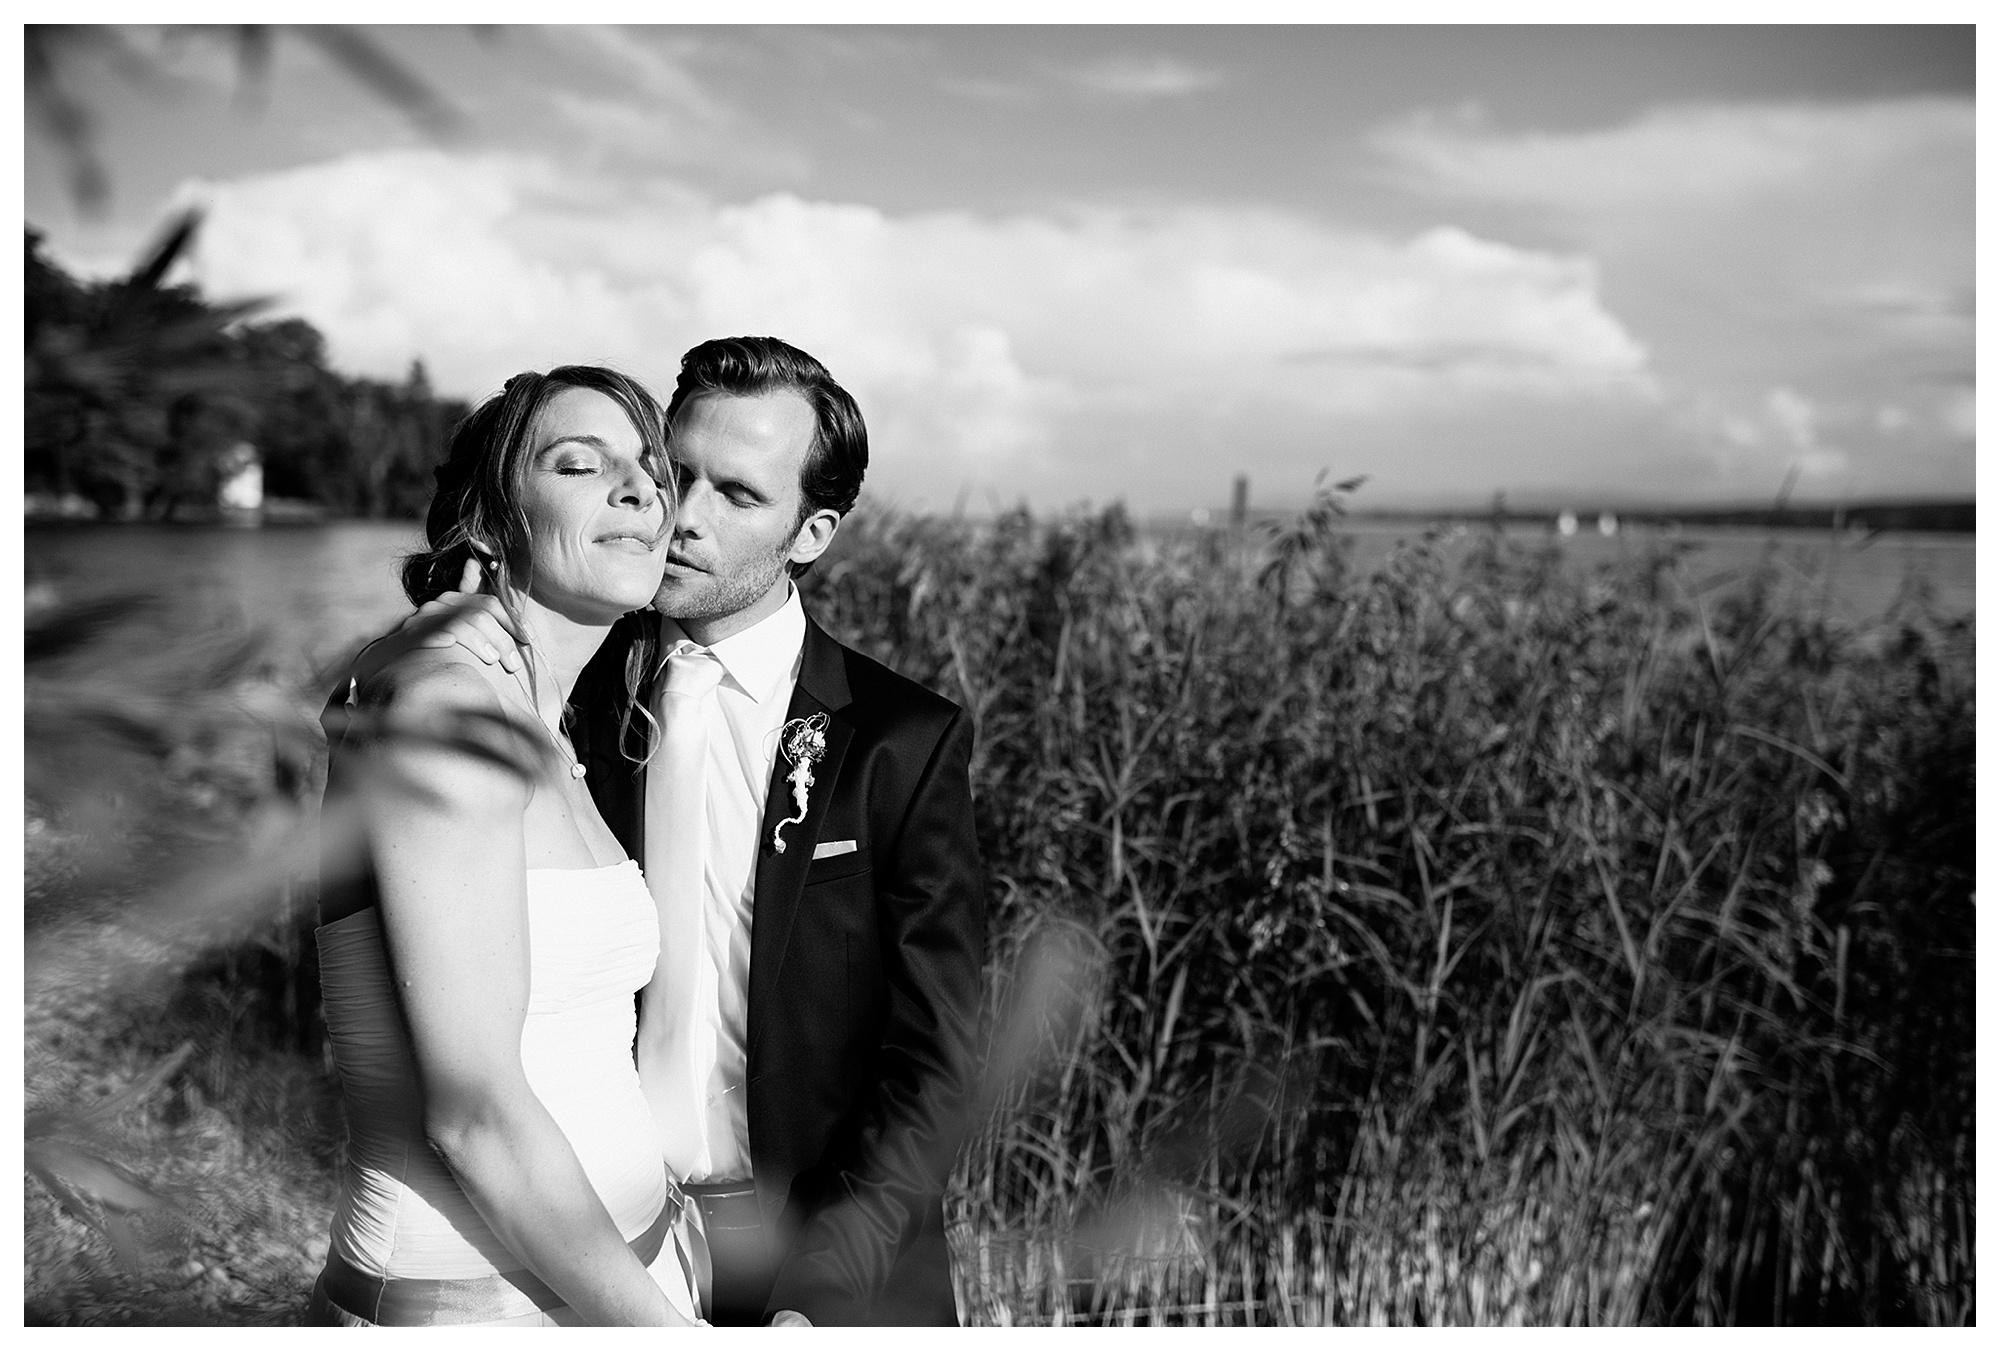 Fotograf Konstanz - Best of 2014 Elmar Feuerbacher Photography Hochzeit Portrait 041 1 - Rückblick auf 2014  - 122 -